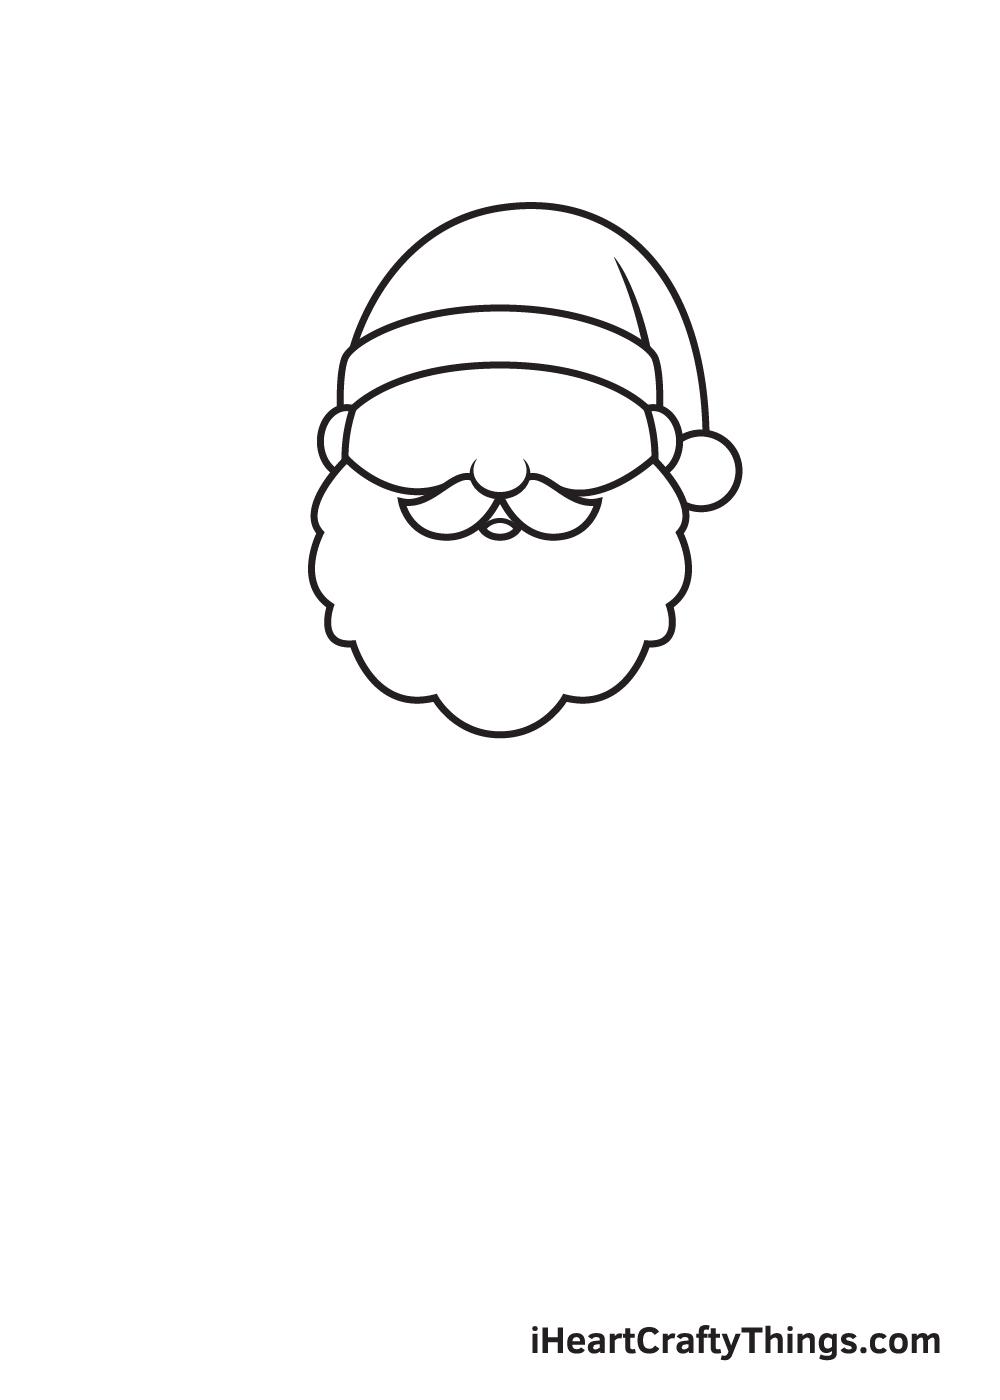 Santa Claus Drawing – Step 3